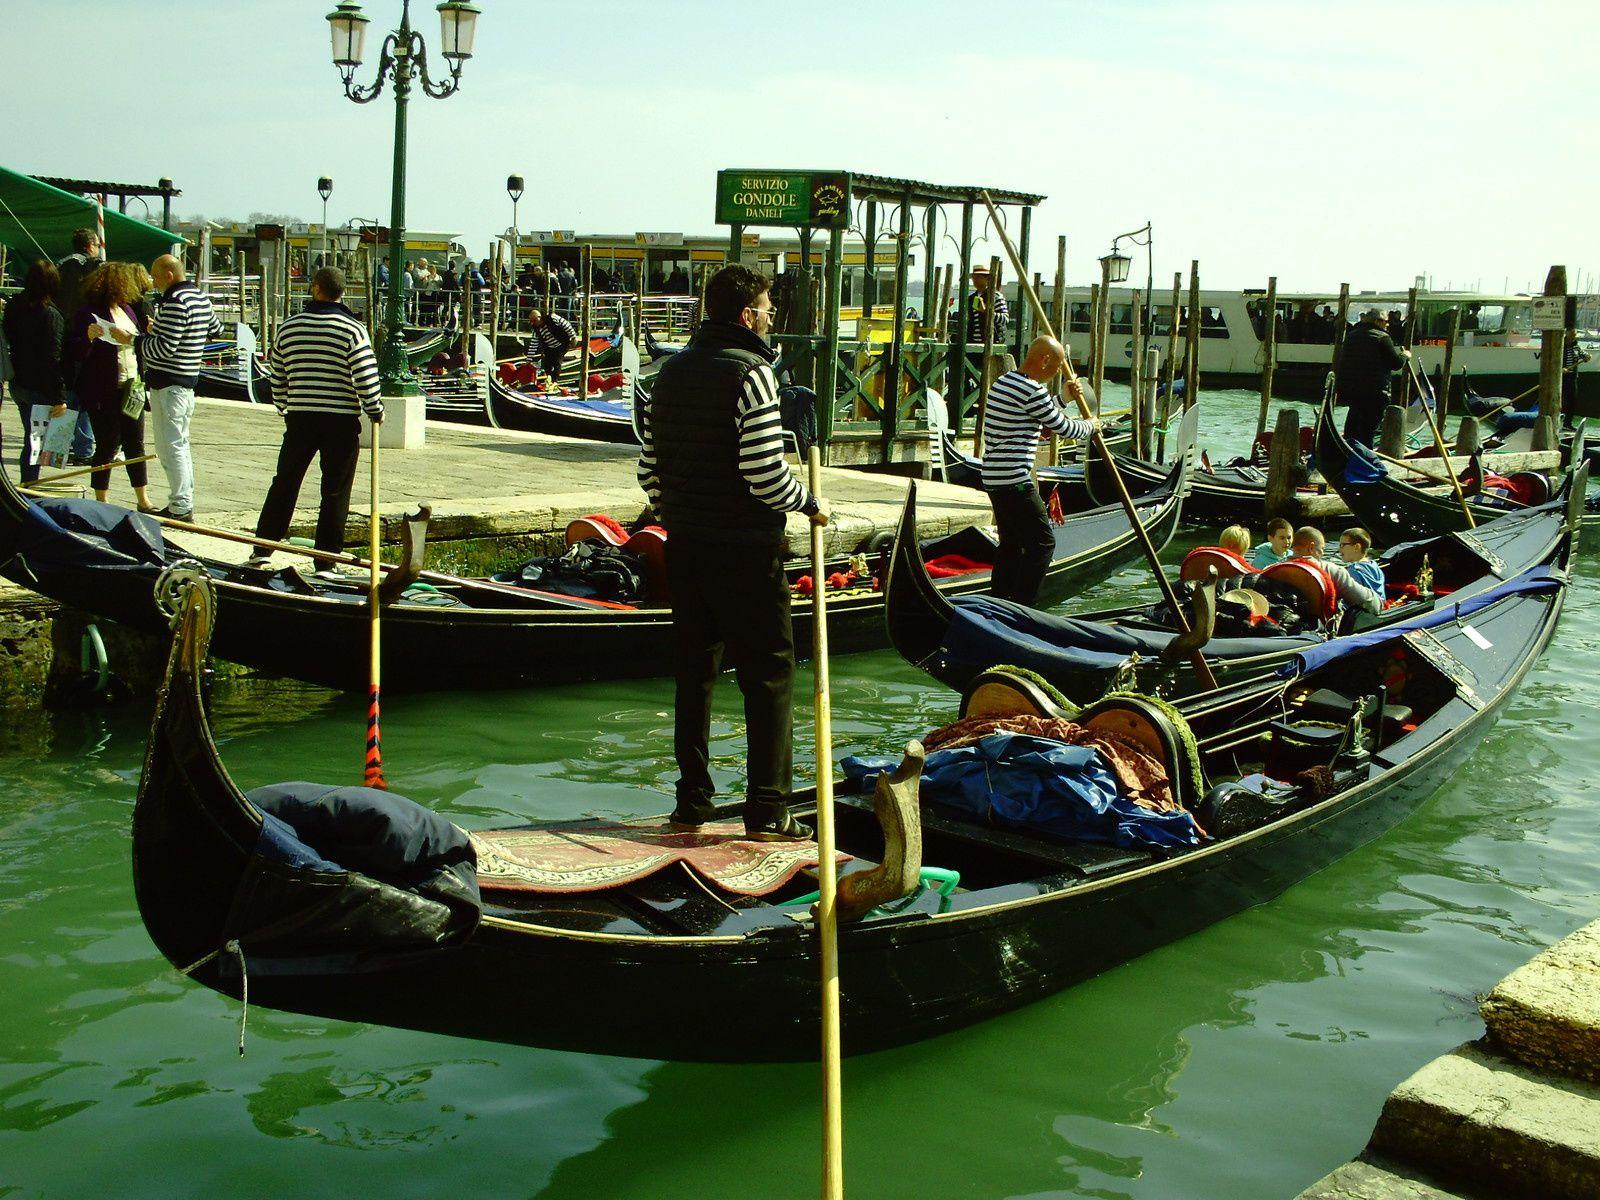 Goldwing - Voyage de 4 jours à Venise à moto 03/2016 - 2ème jour 1/2